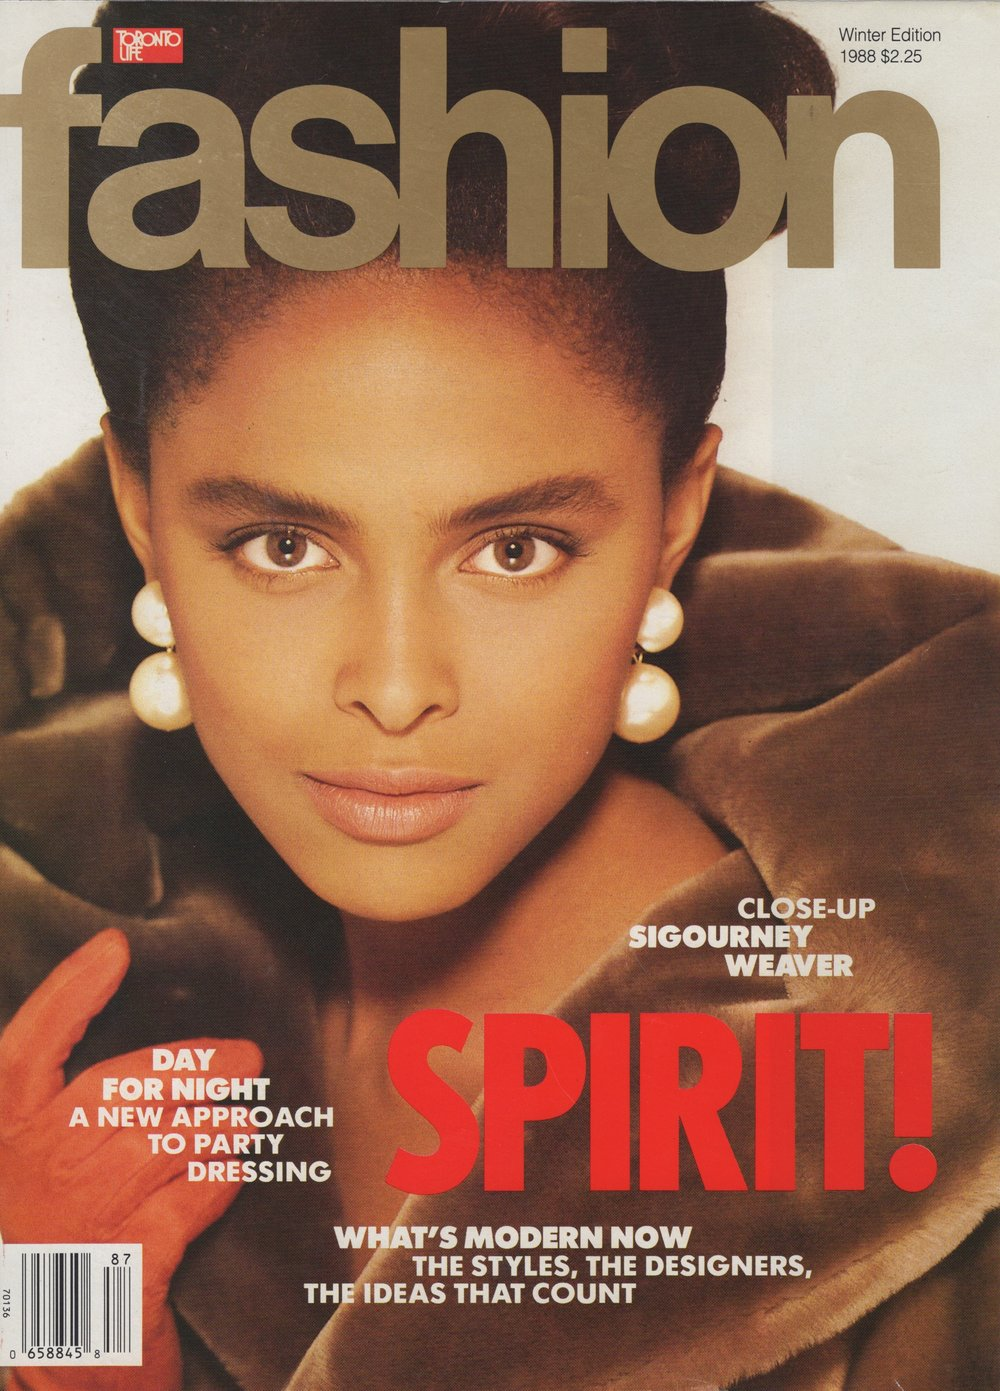 T.O.+Fashion+1988+copy.jpg